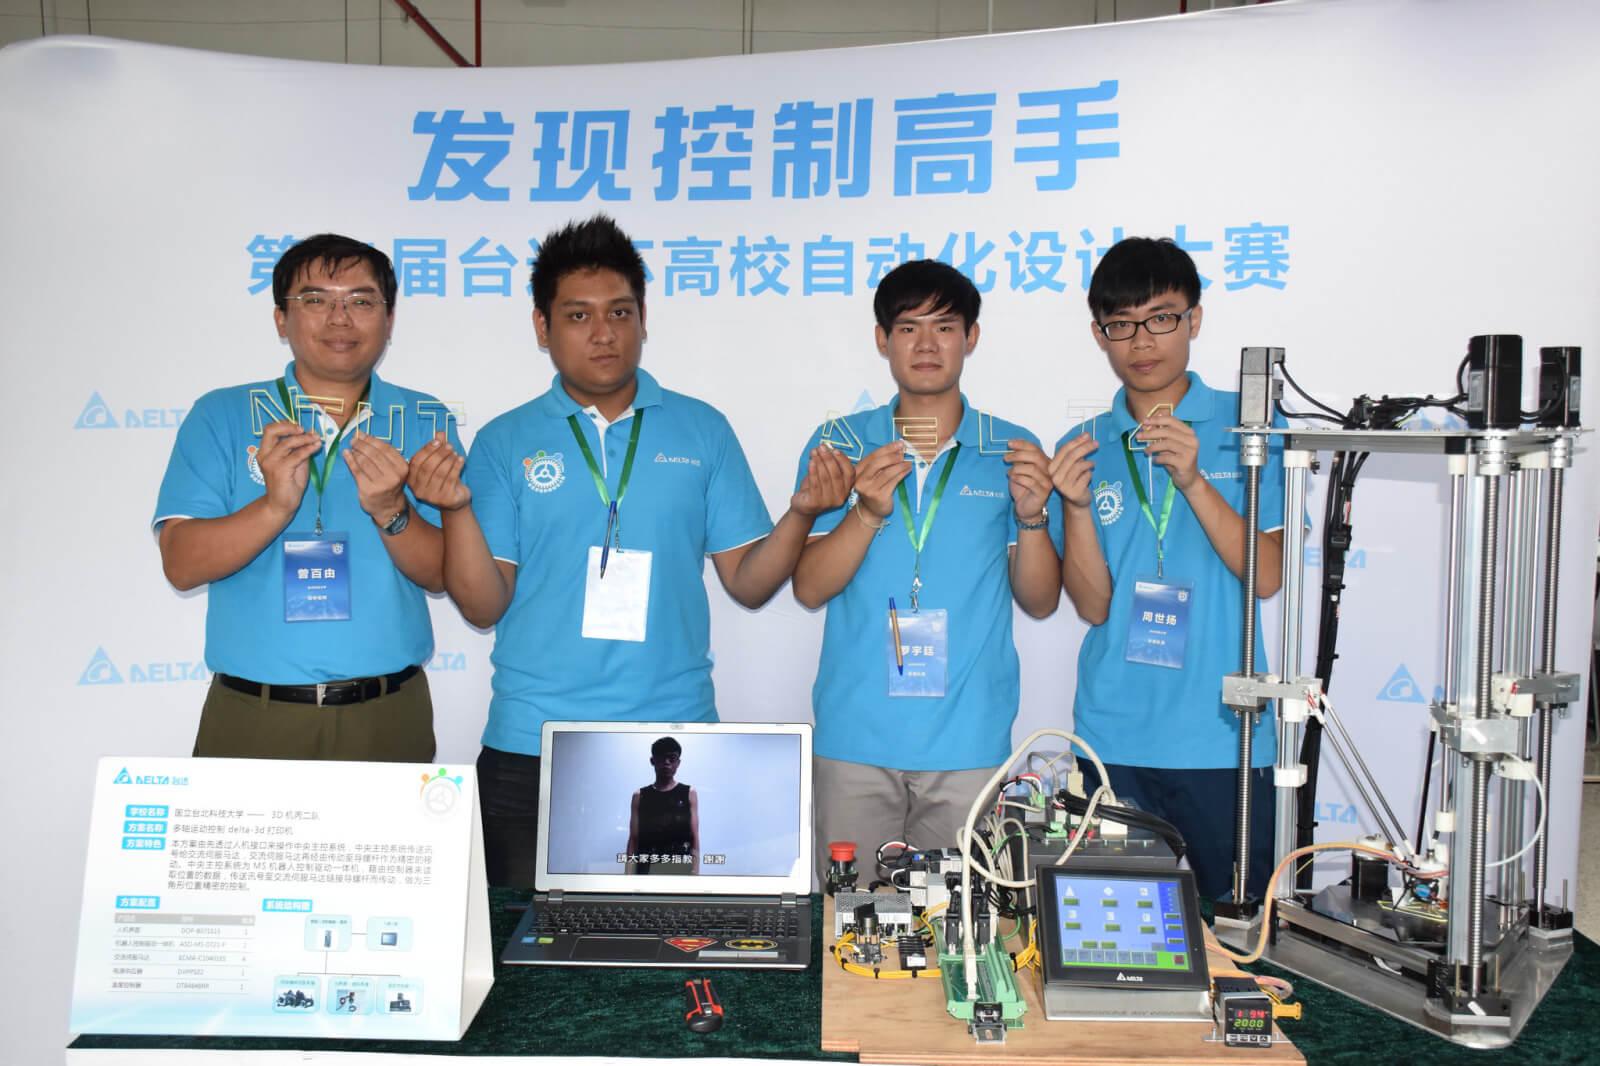 臺北科大3D印表機團隊獲台達盃首獎